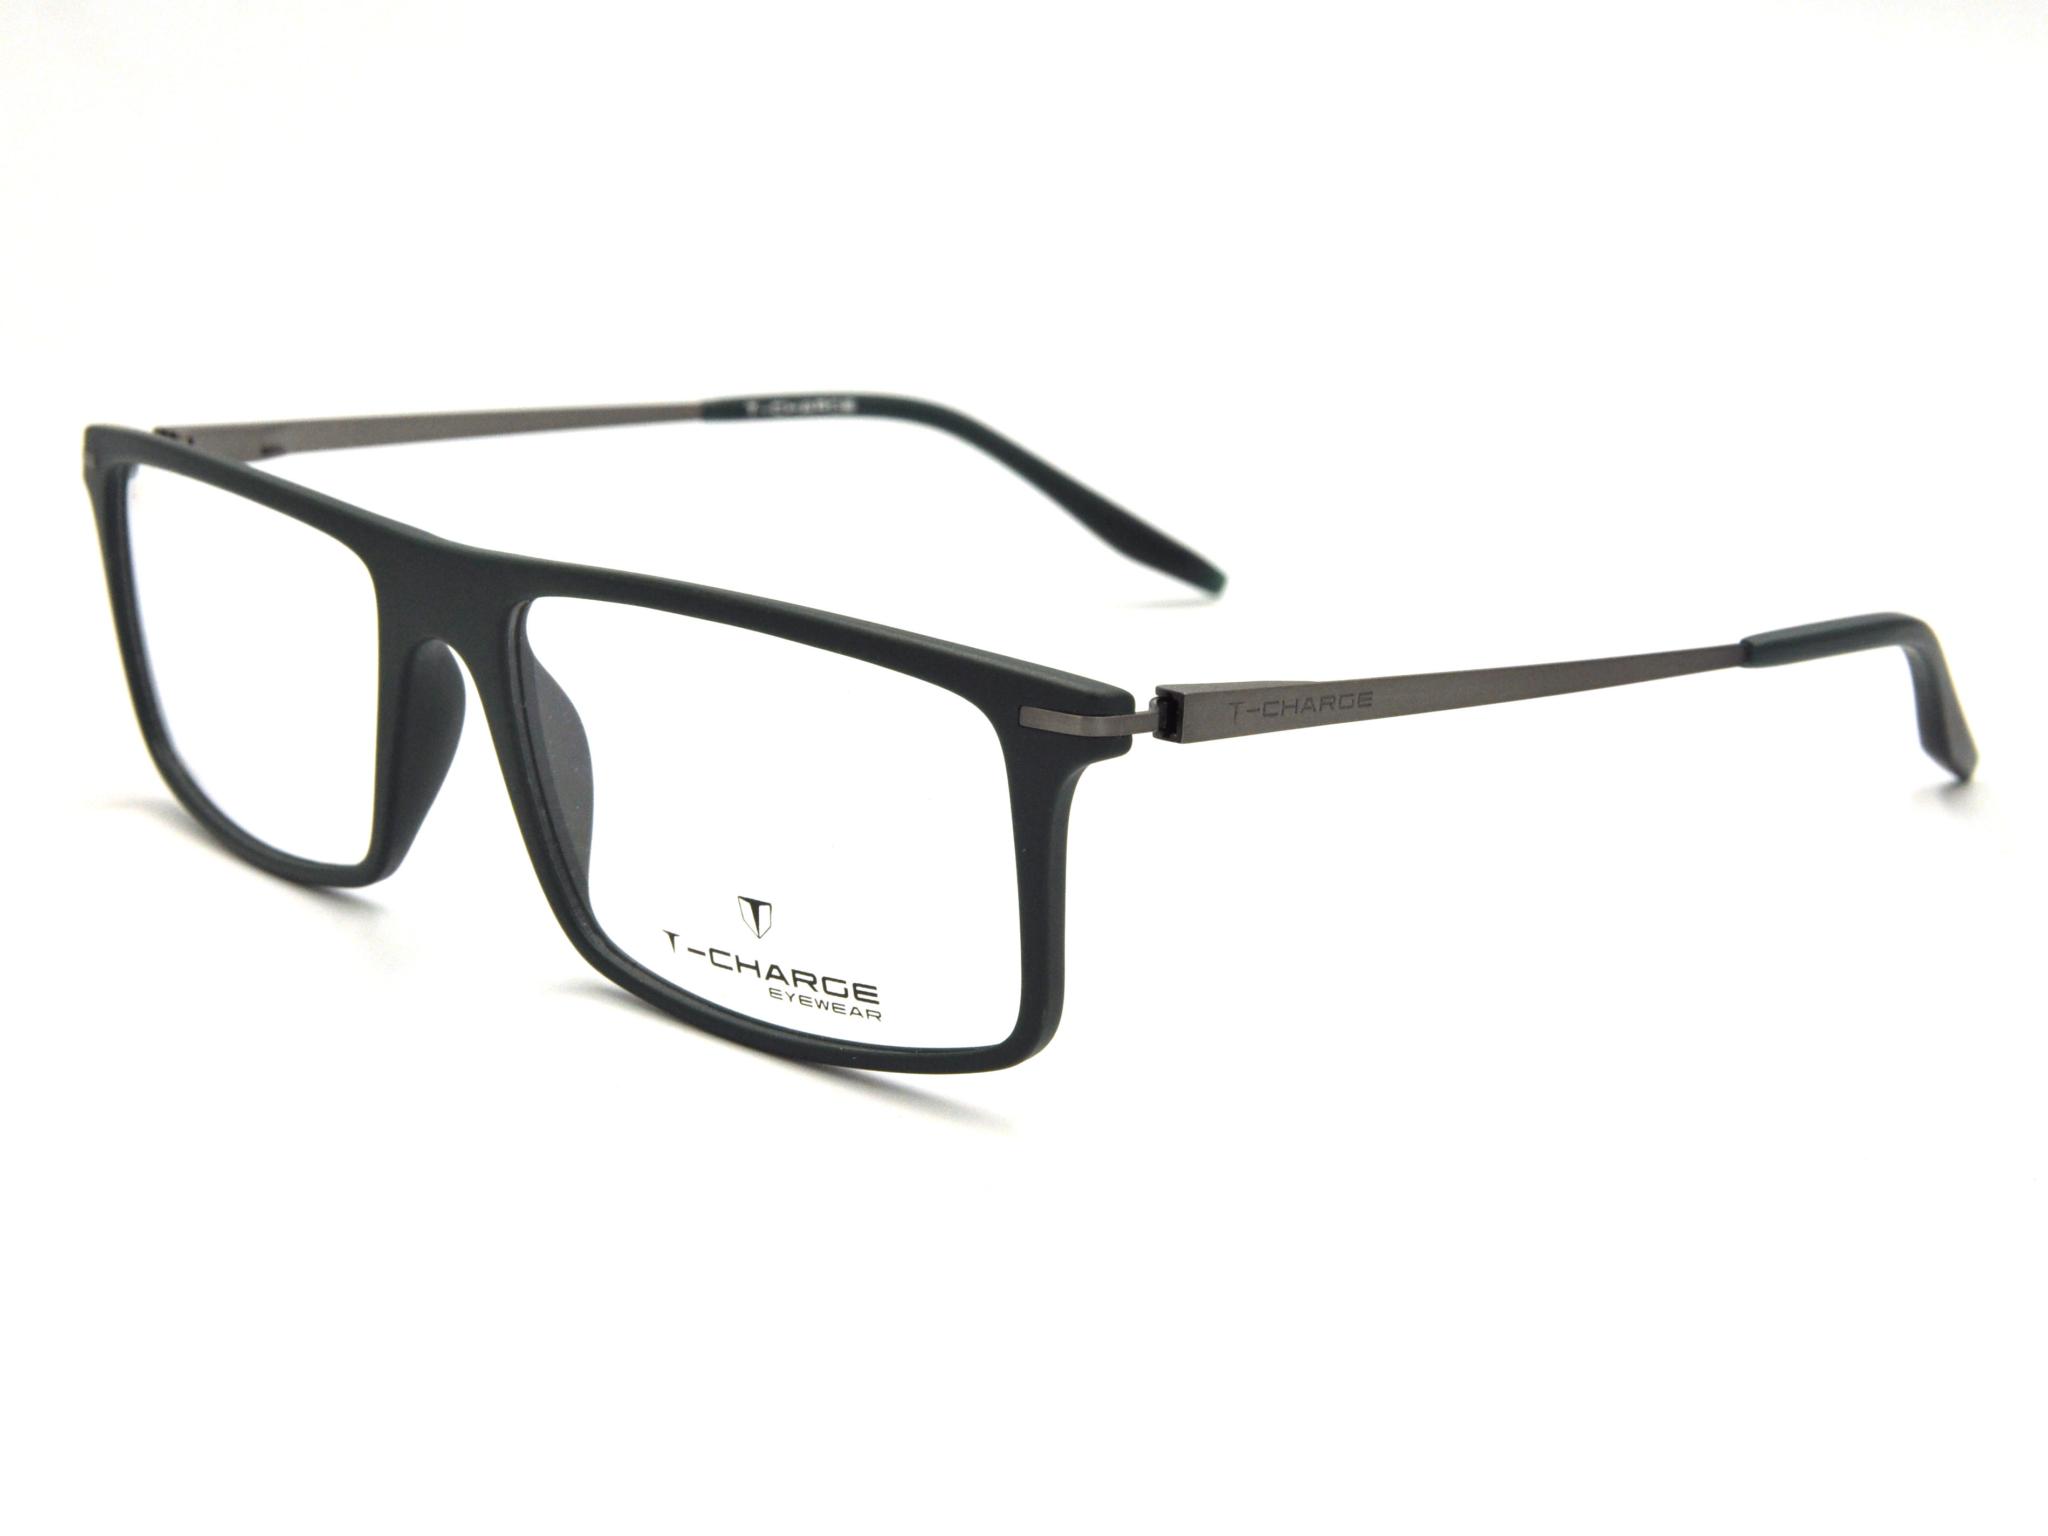 T CHARGE T4001 D01 Prescription Glasses 2020